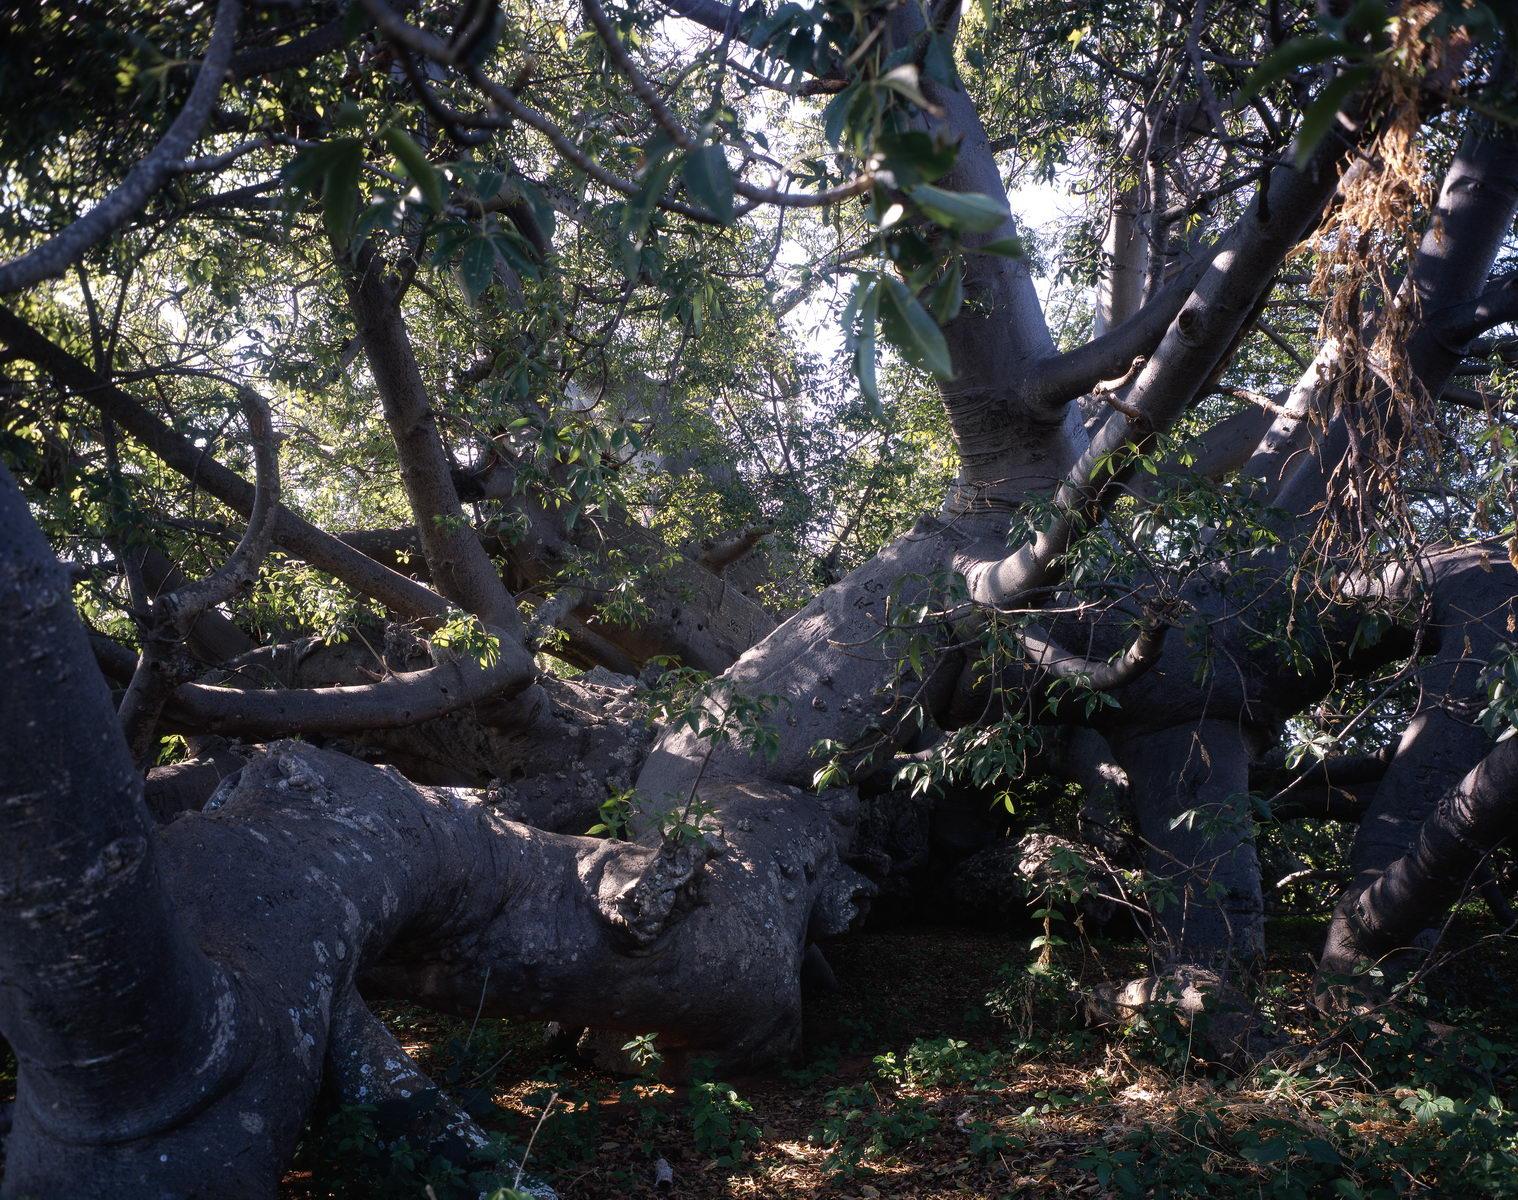 baobab glencoefarm, Afrique du Sud